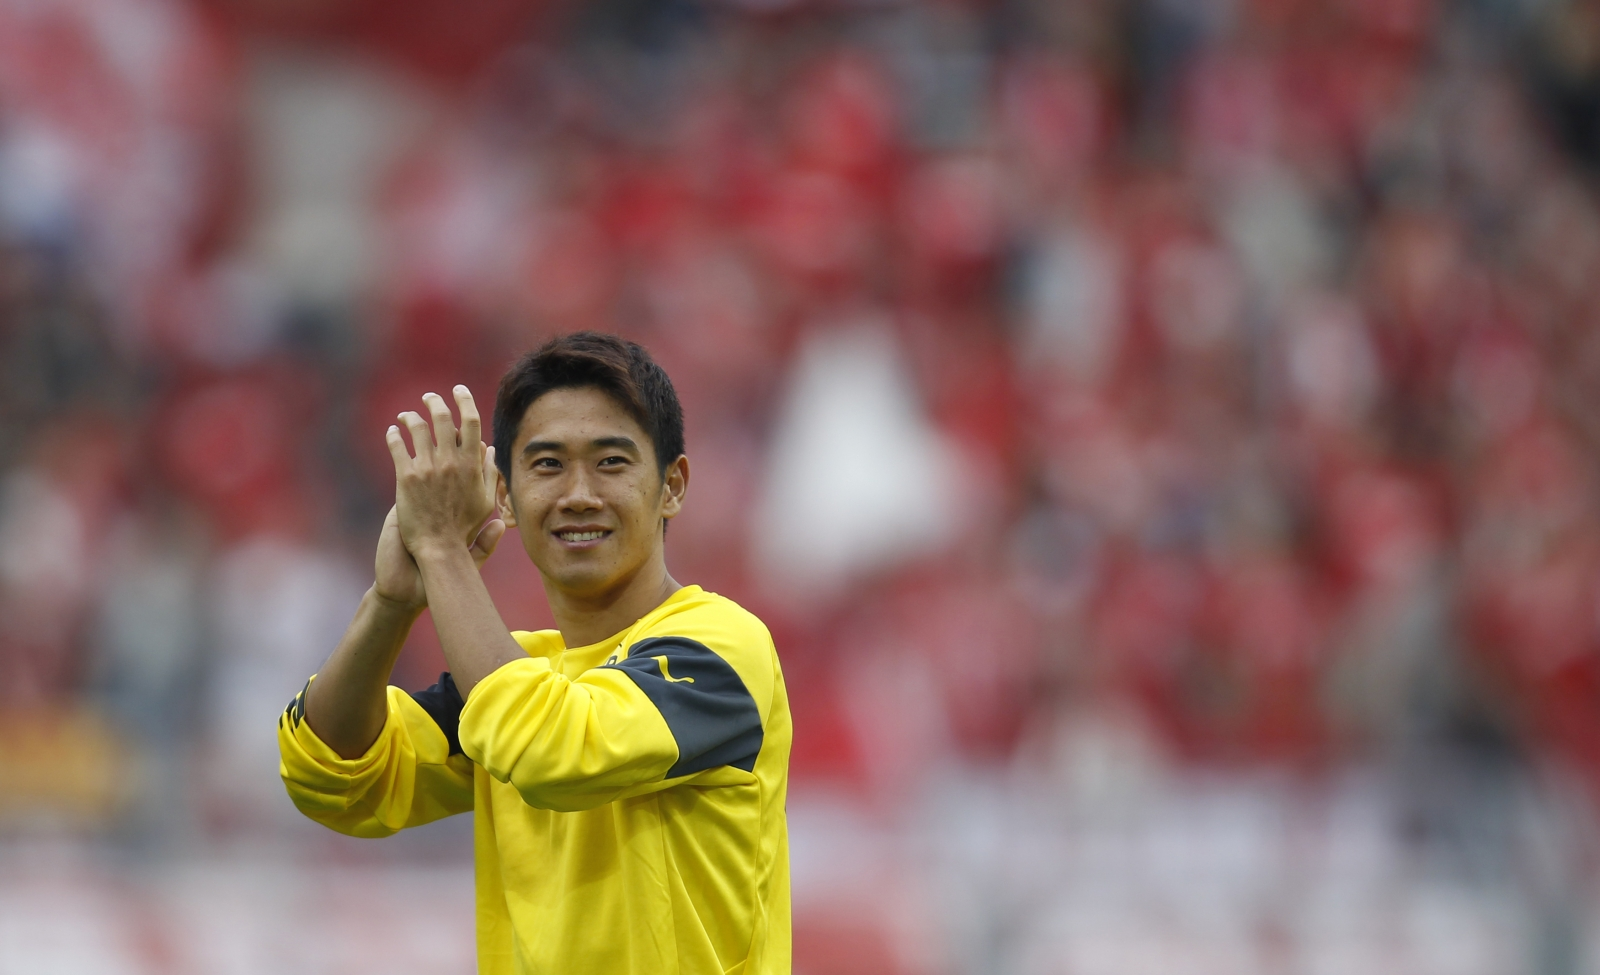 Shinji Kagawa My Heart Was Always in Dortmund Even During